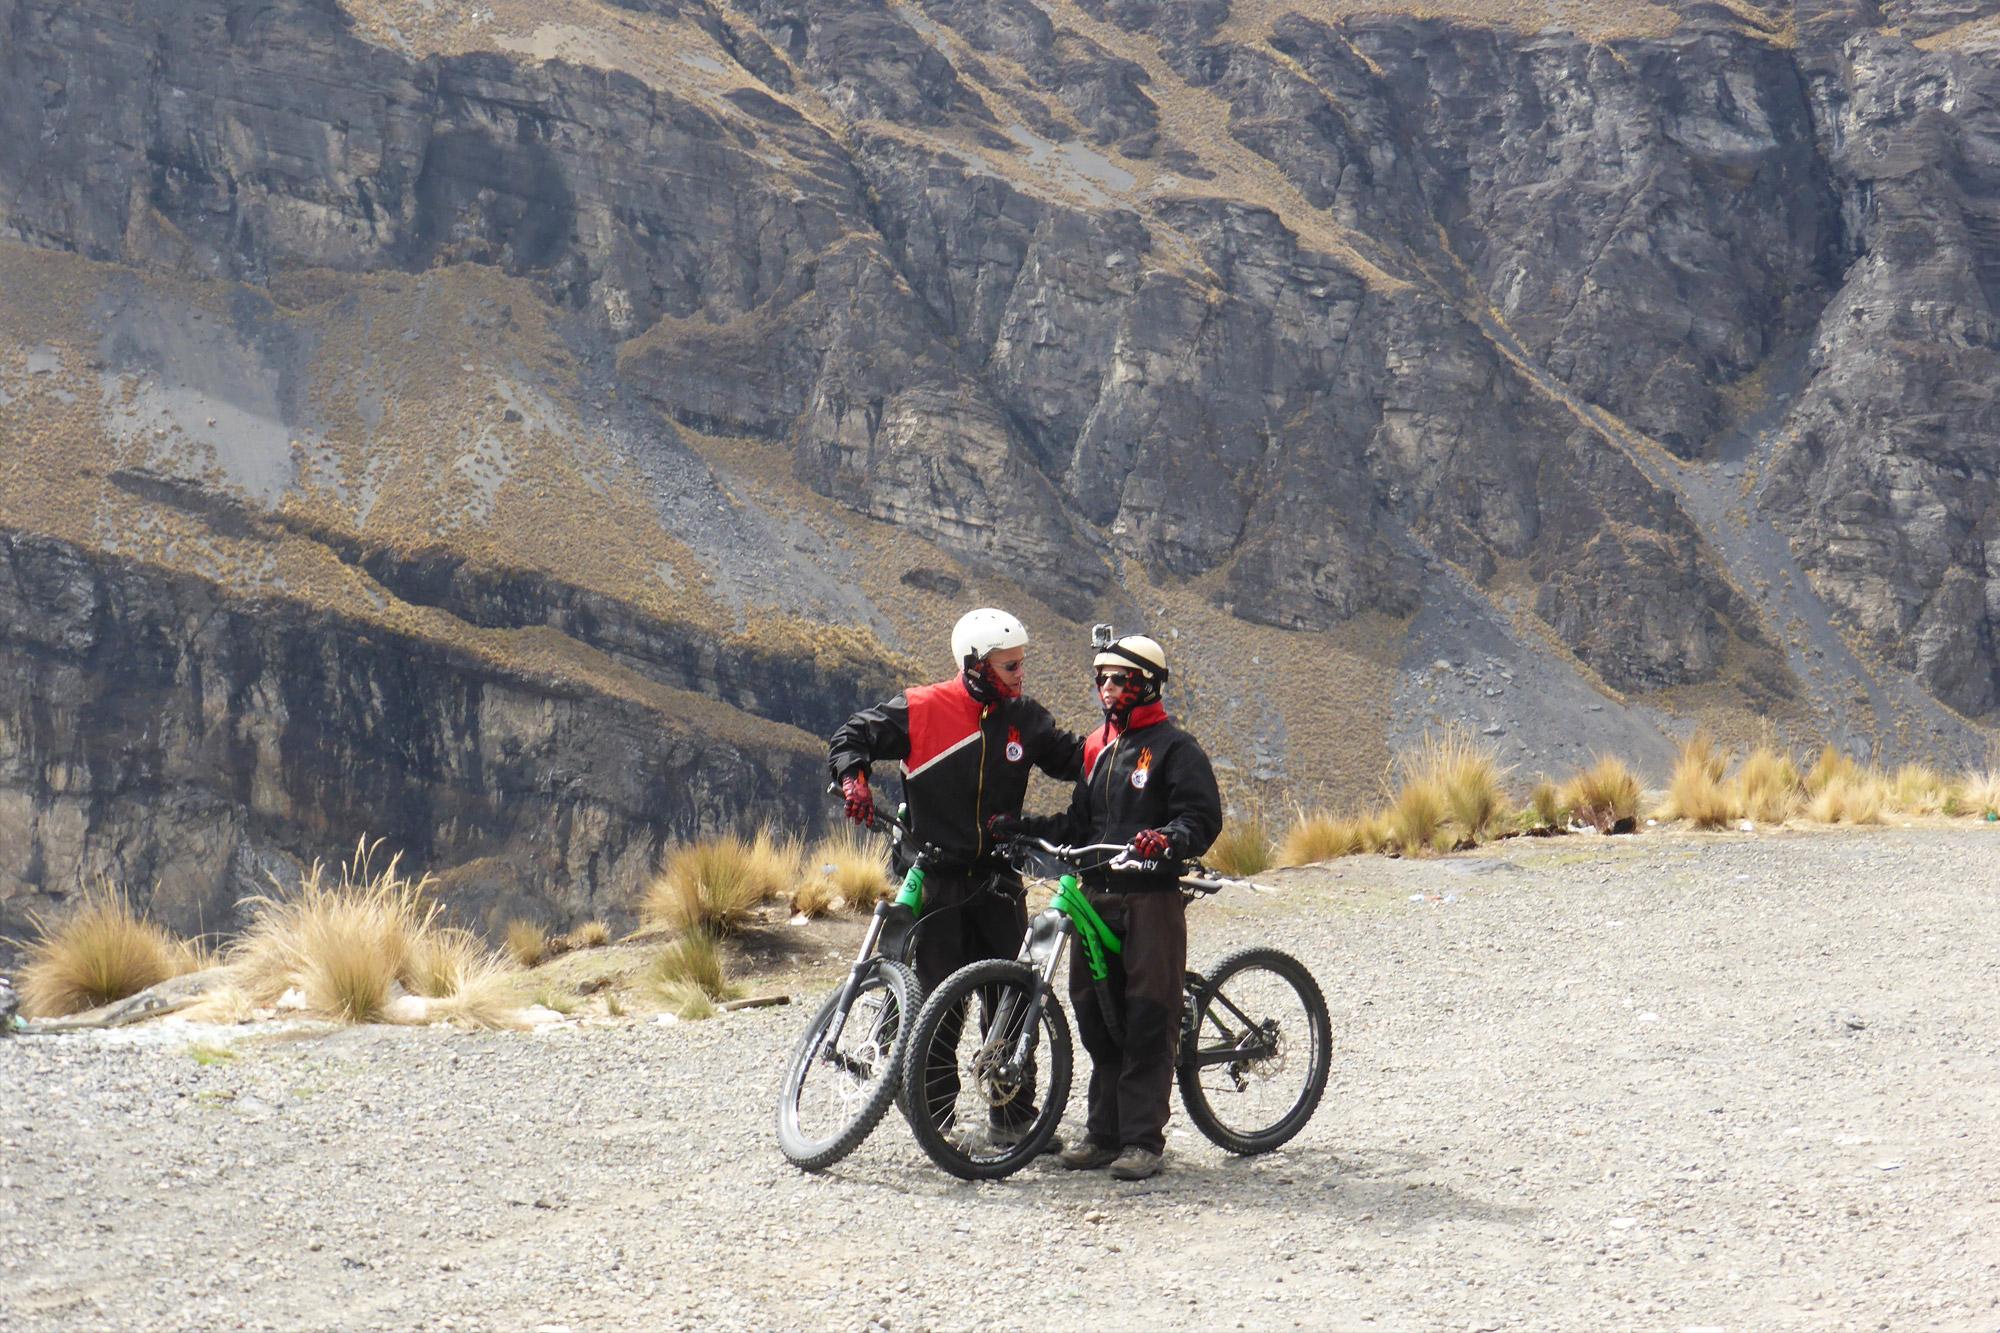 Bolivia 2016 - Dag 14 - Fietsen op de Death Road